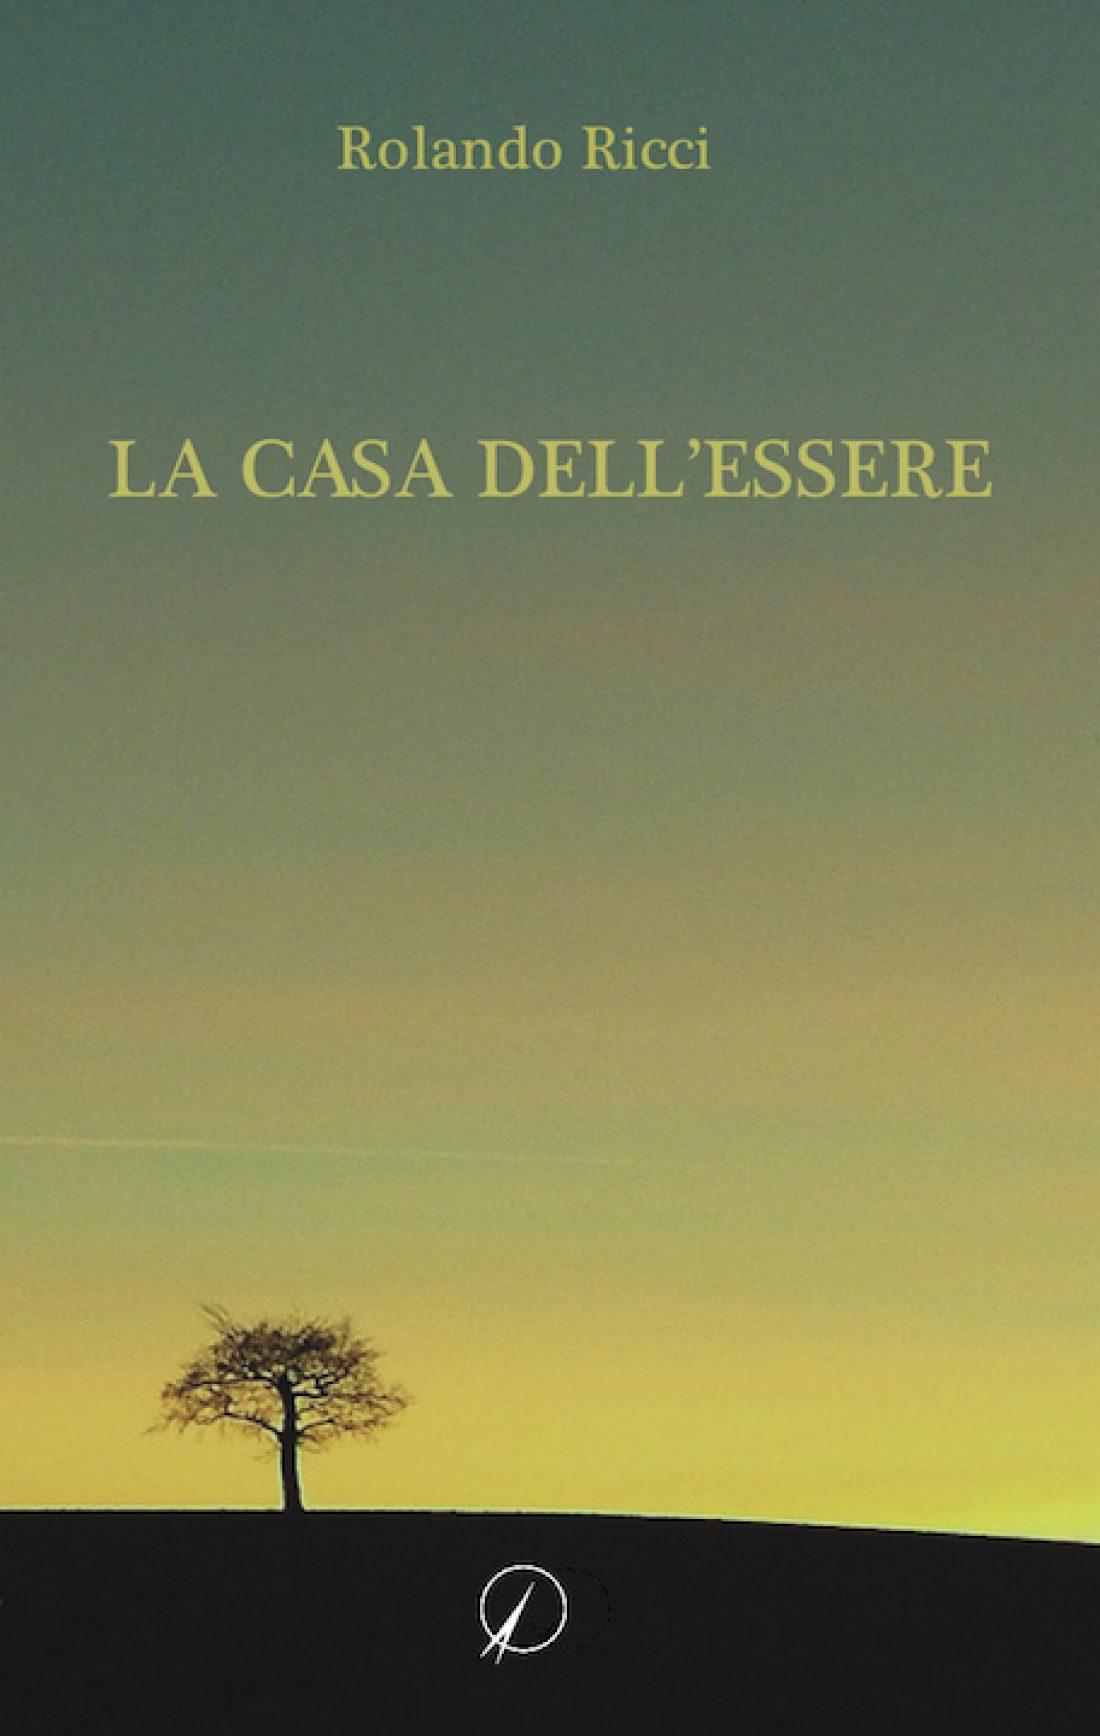 La casa dell'essere: intervista all'autore